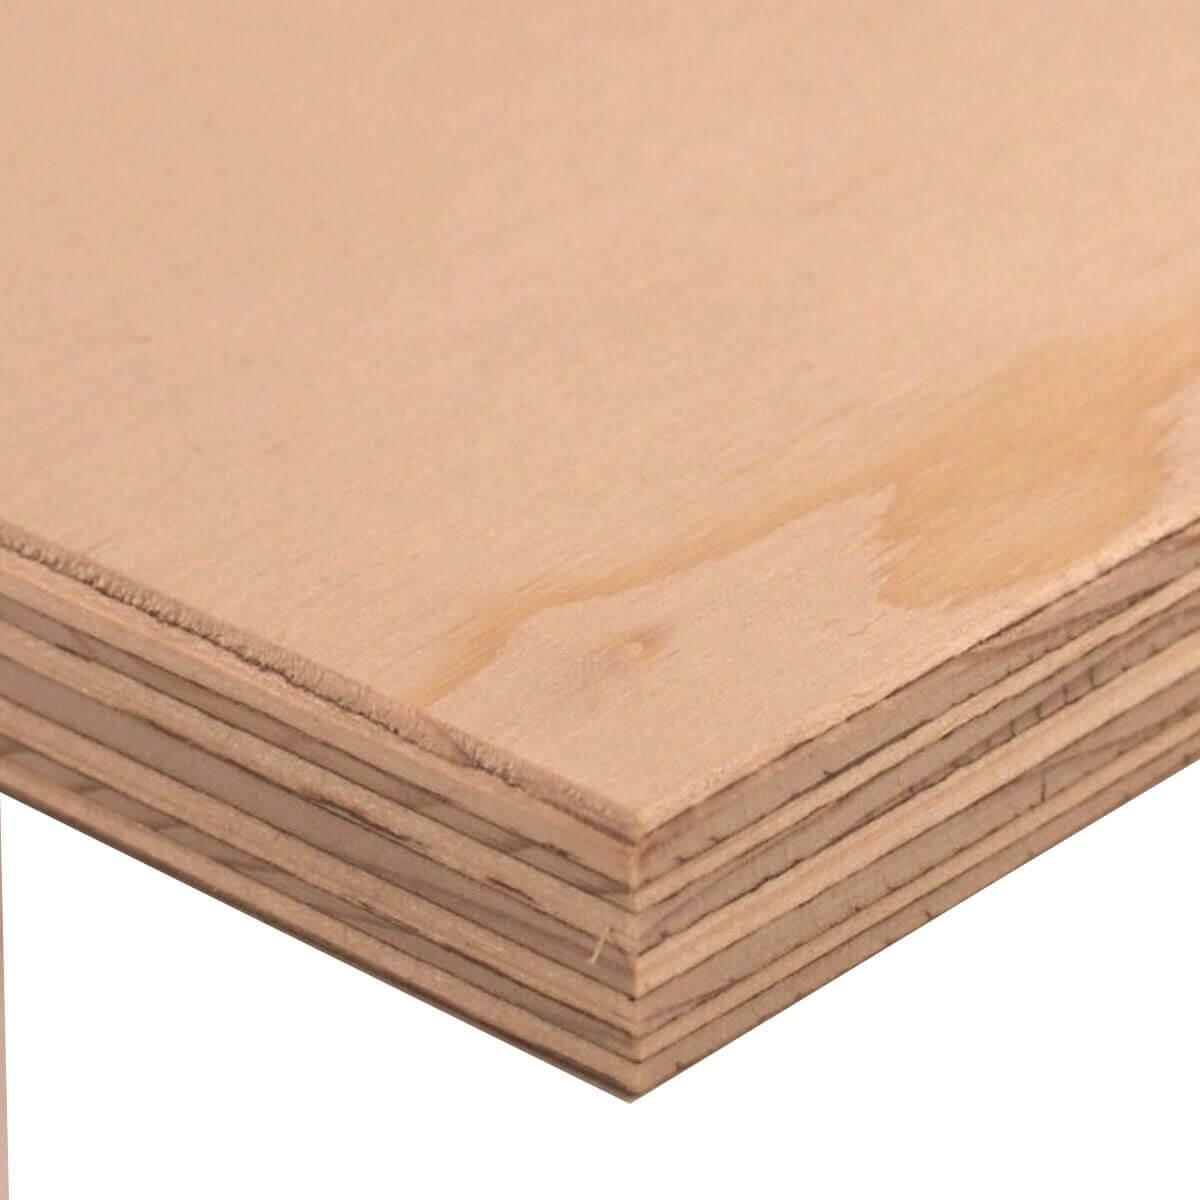 Standard Fir Plywood - 4 x 8 - 18.5 mm - 3/4